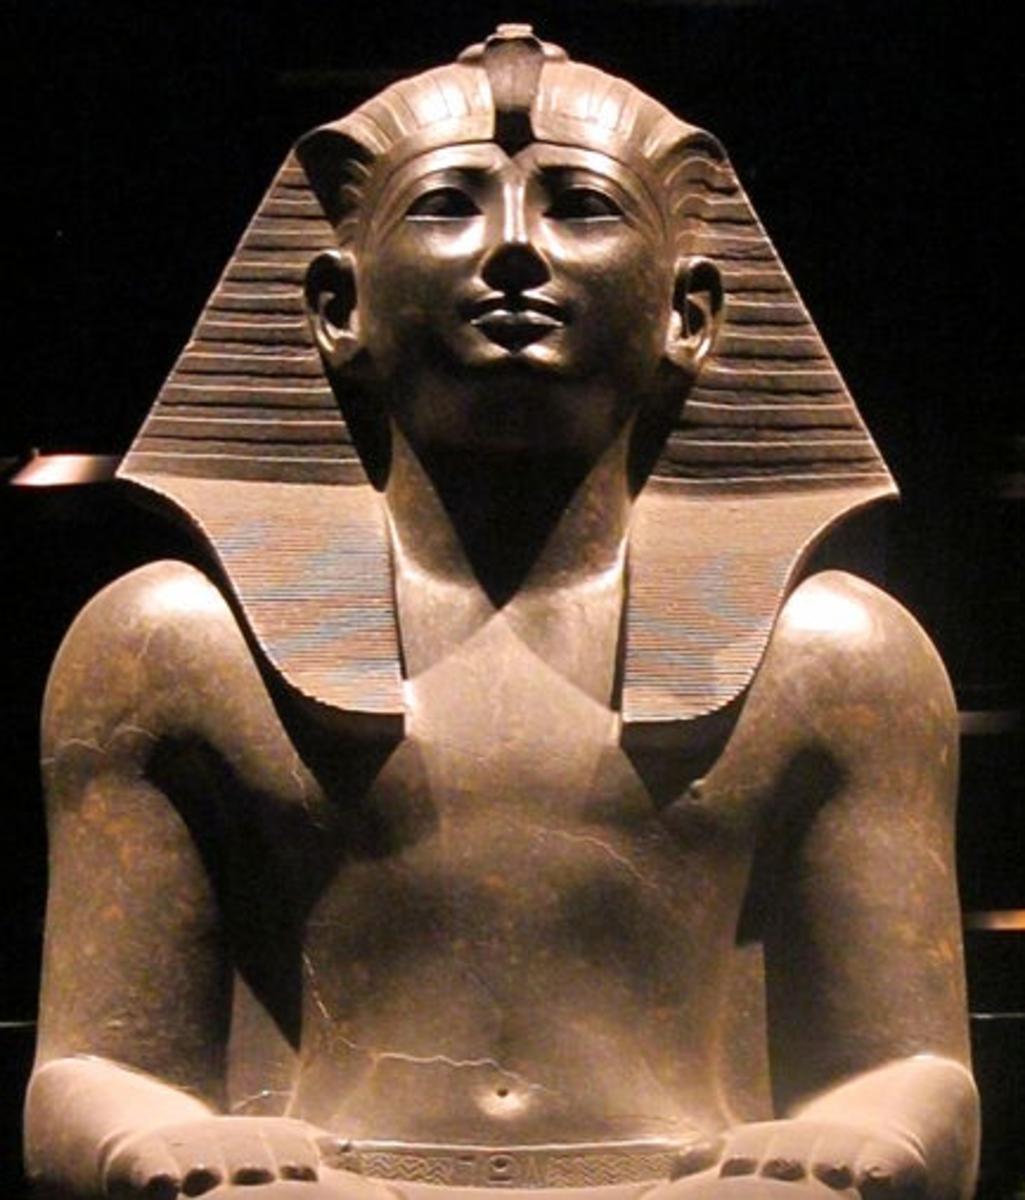 Thutmose III - Stepson/Nephew of Hatshepsut